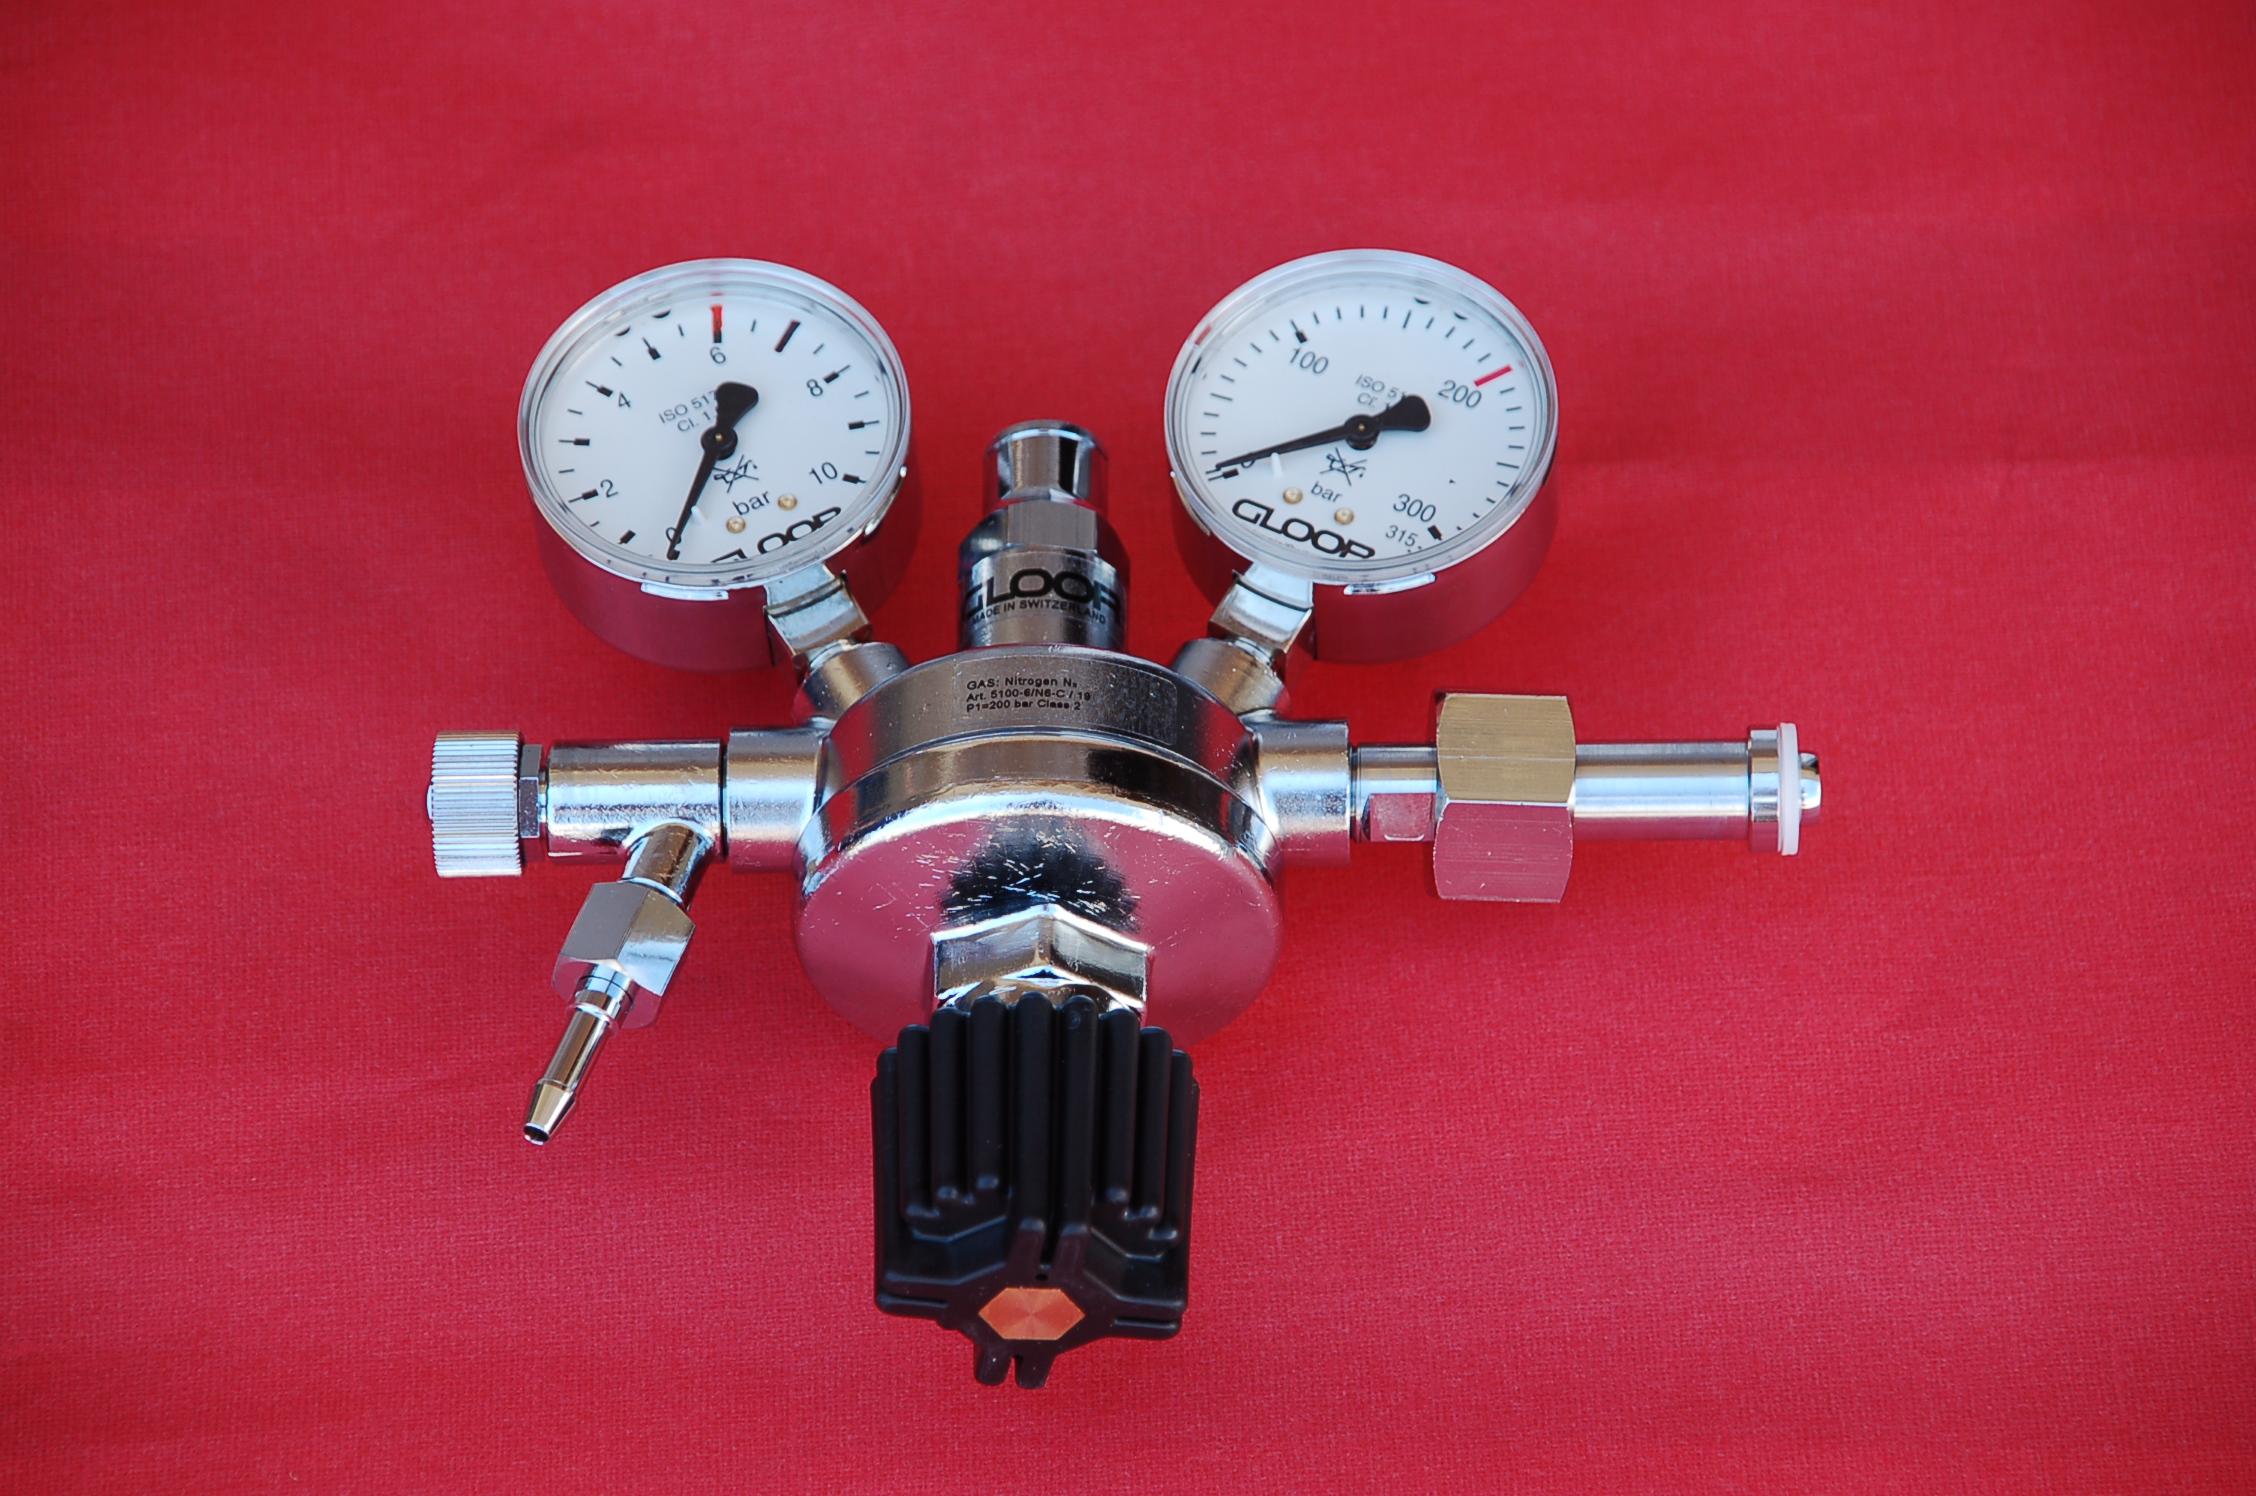 Mano-détendeur - CO2 - Azote - Oxygène